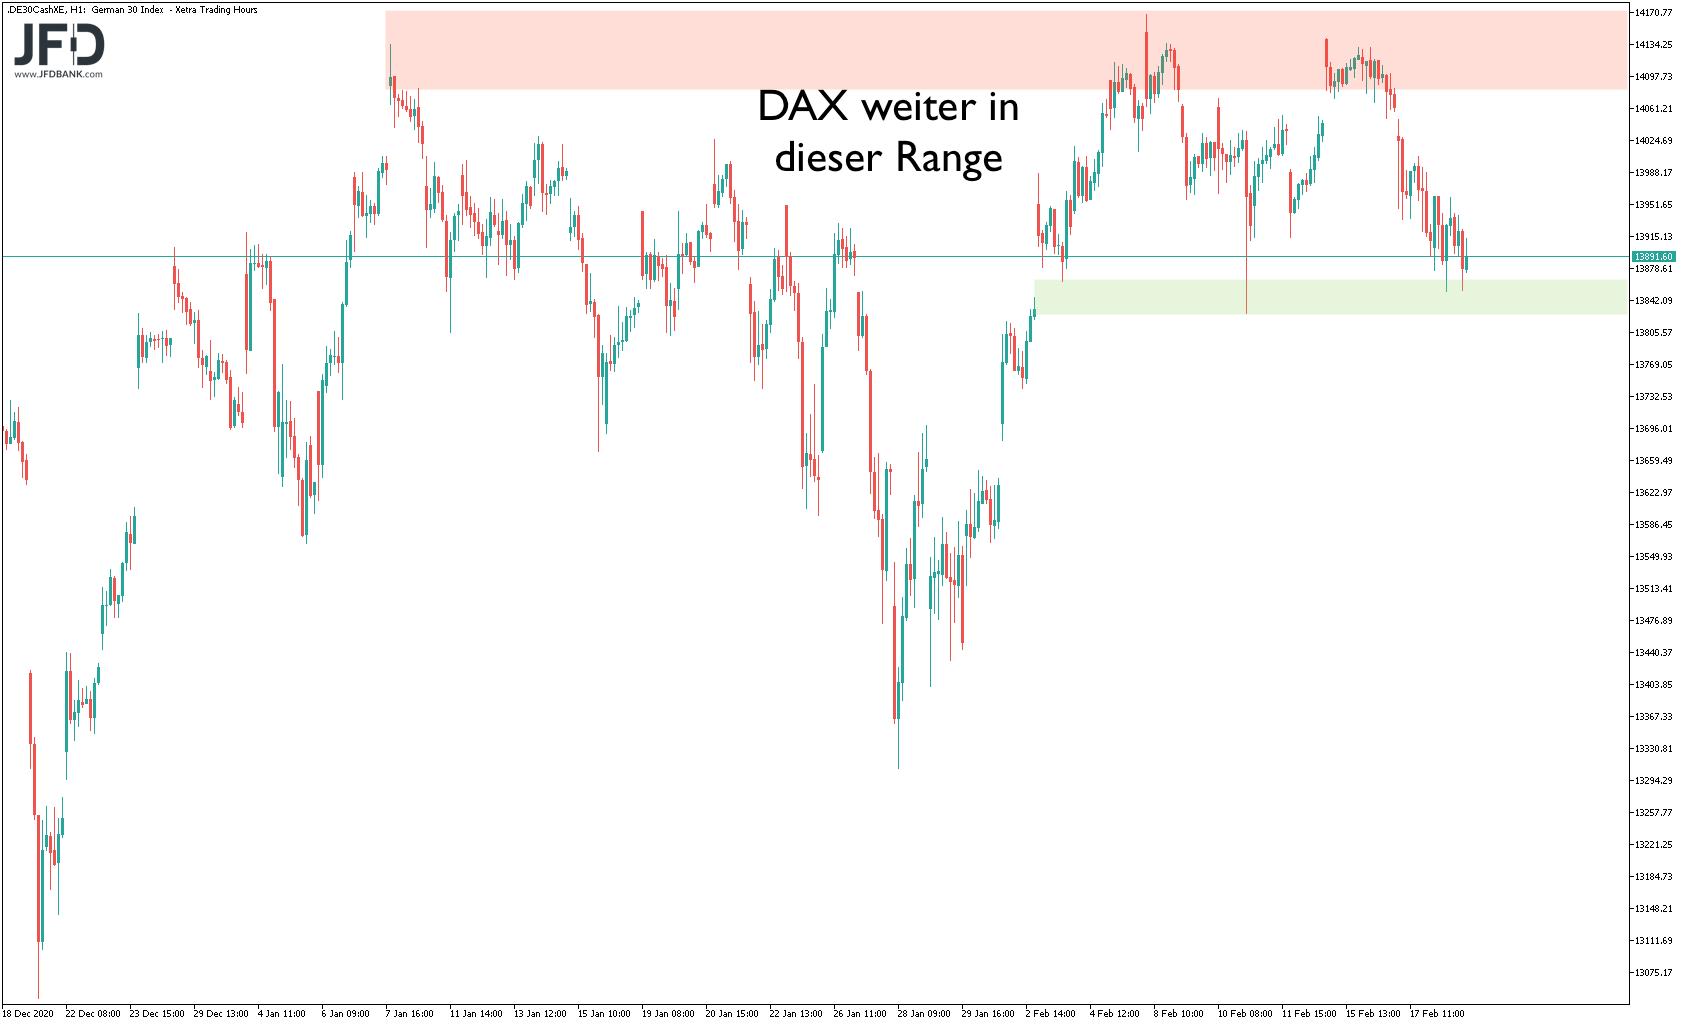 Der-DAX-sucht-nach-Ruhe-in-Richtung-Wochenende-Kommentar-JFD-Bank-GodmodeTrader.de-3